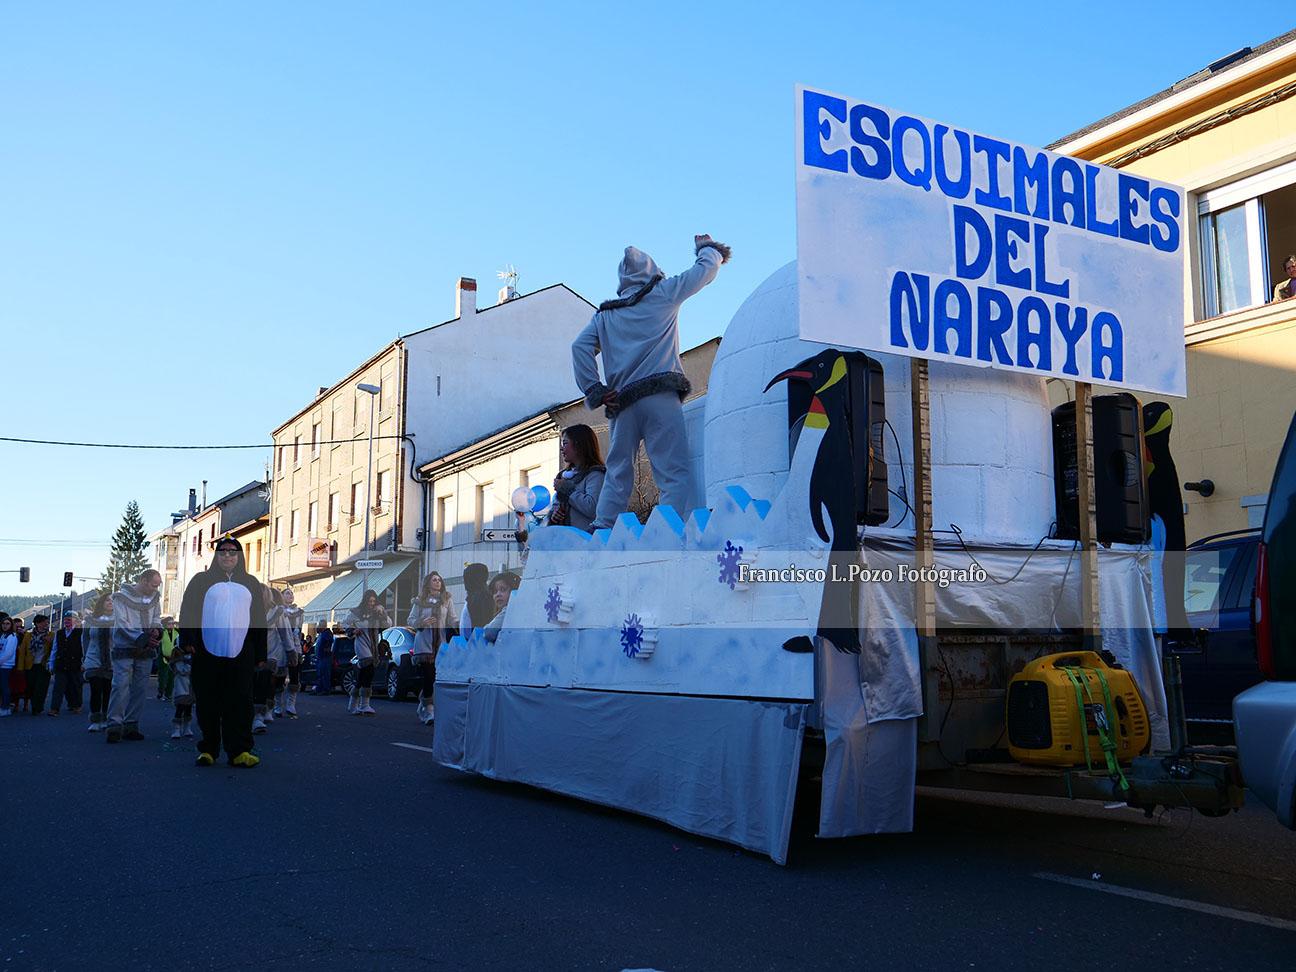 Carnaval 2020: Camponaraya sale a la calle a ritmo de comparsa 102